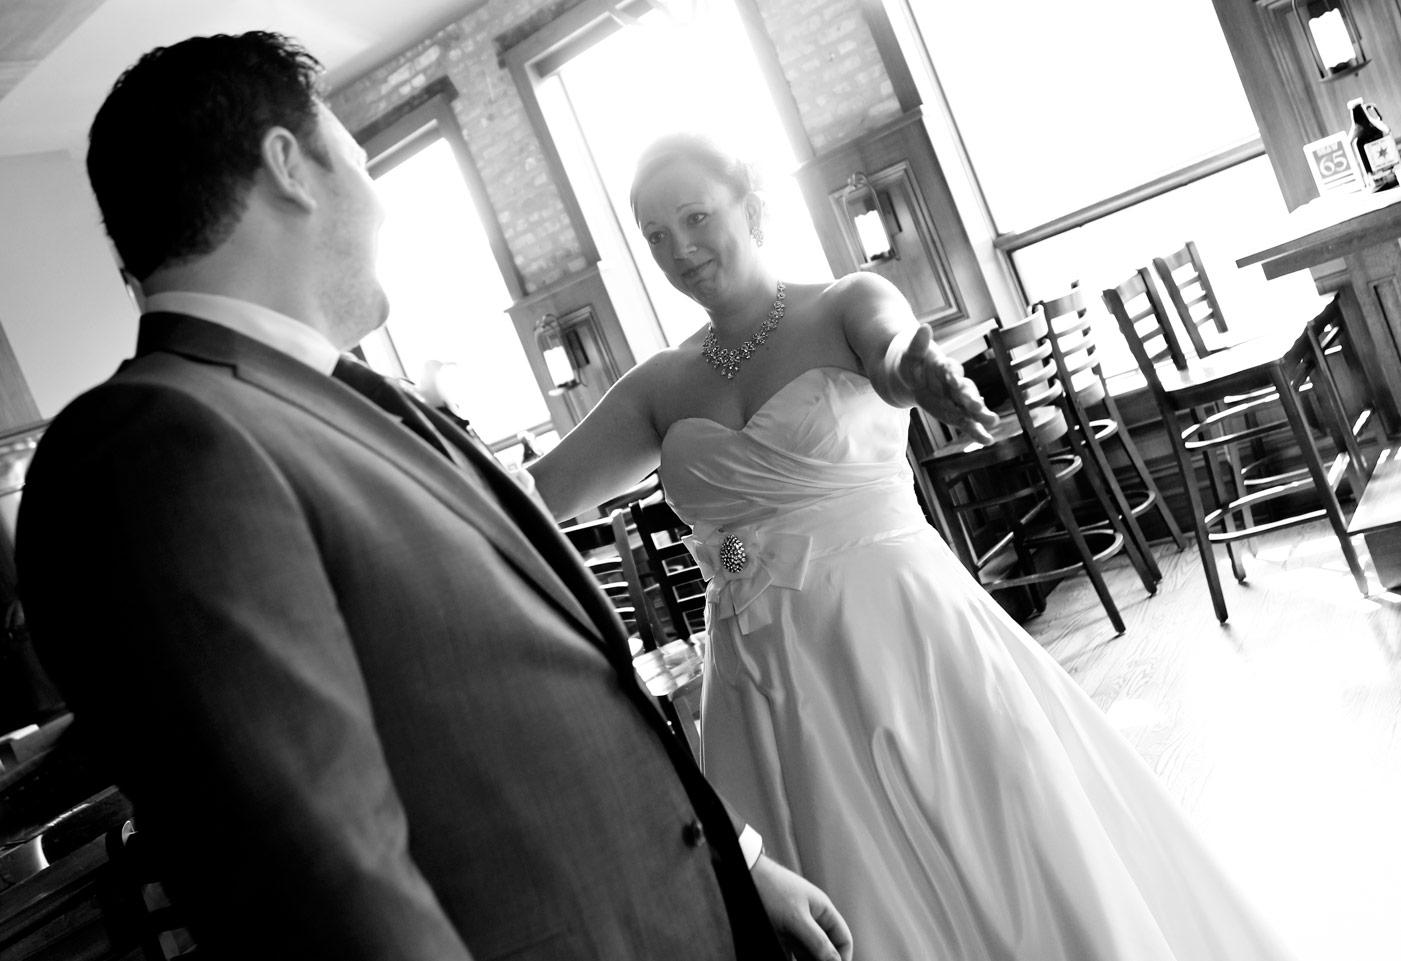 revolution-brewing-chicago-blackhawks-wedding-ruthie-hauge-photography-30.jpg